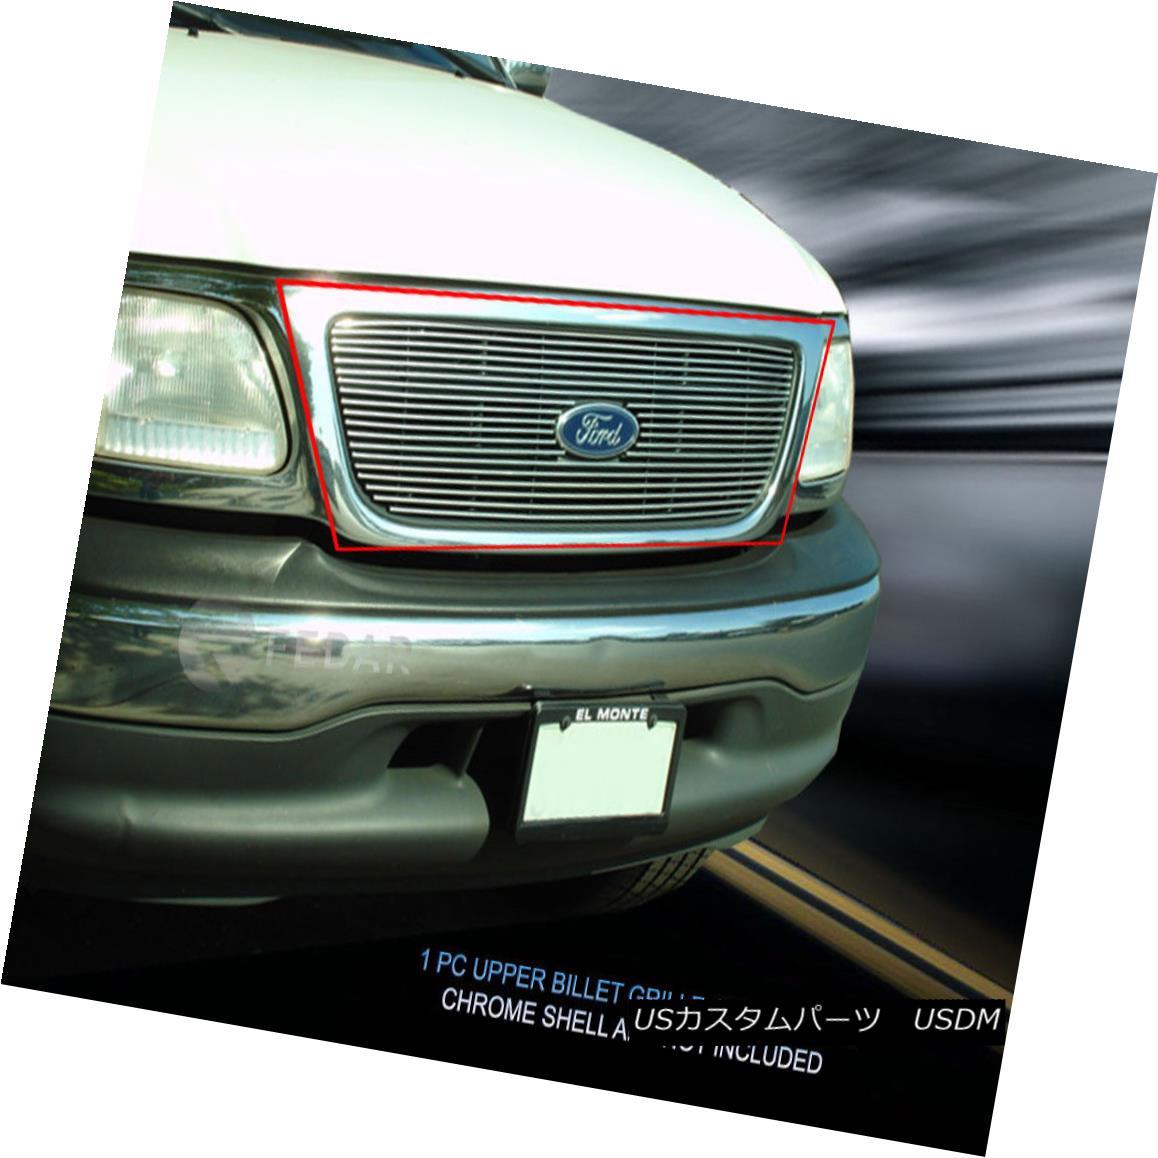 グリル Fedar Fits 1999-2003 Ford F-150 Polished Main Upper Billet Grille Fedarは1999-2003年のFord F-150の磨き上げられたメインアッパービレットグリル